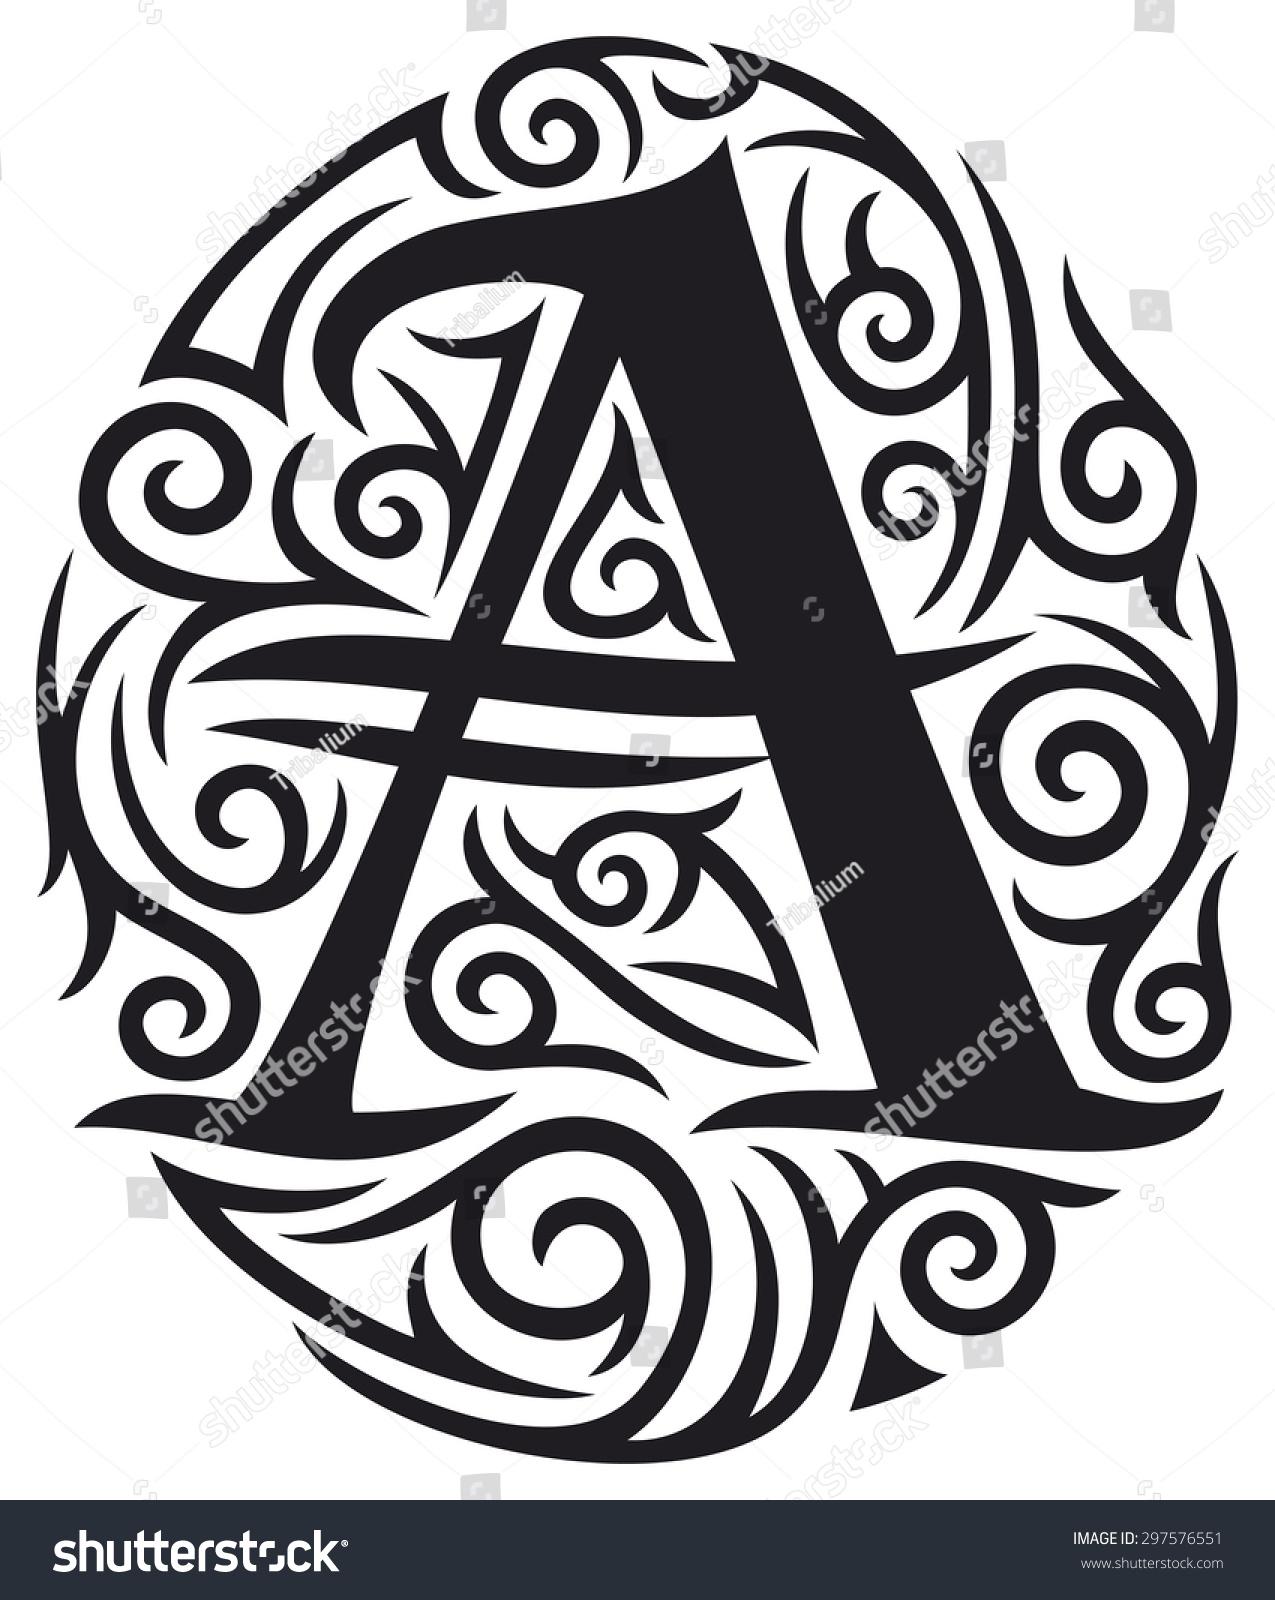 letter tattoo tribal design stock illustration 297576551